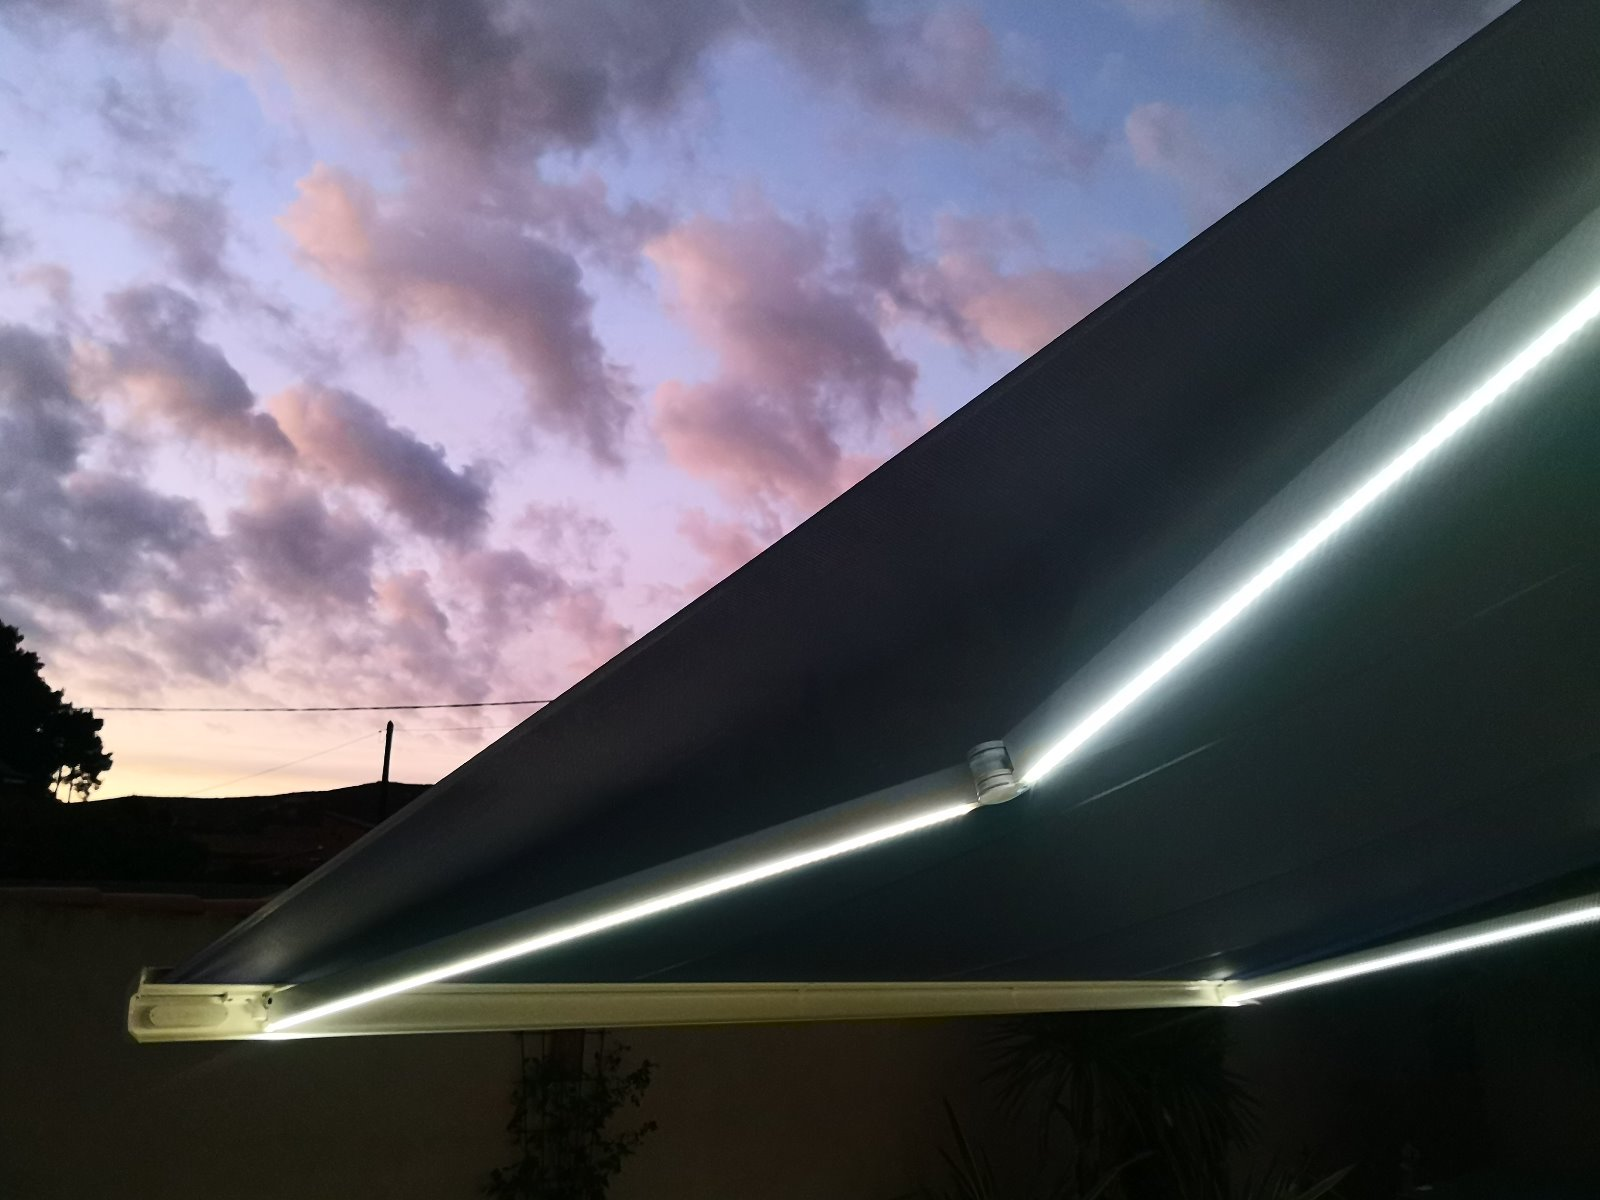 LED STORE BANNE EXTERIEUR PLAN DE CAMPAGNE